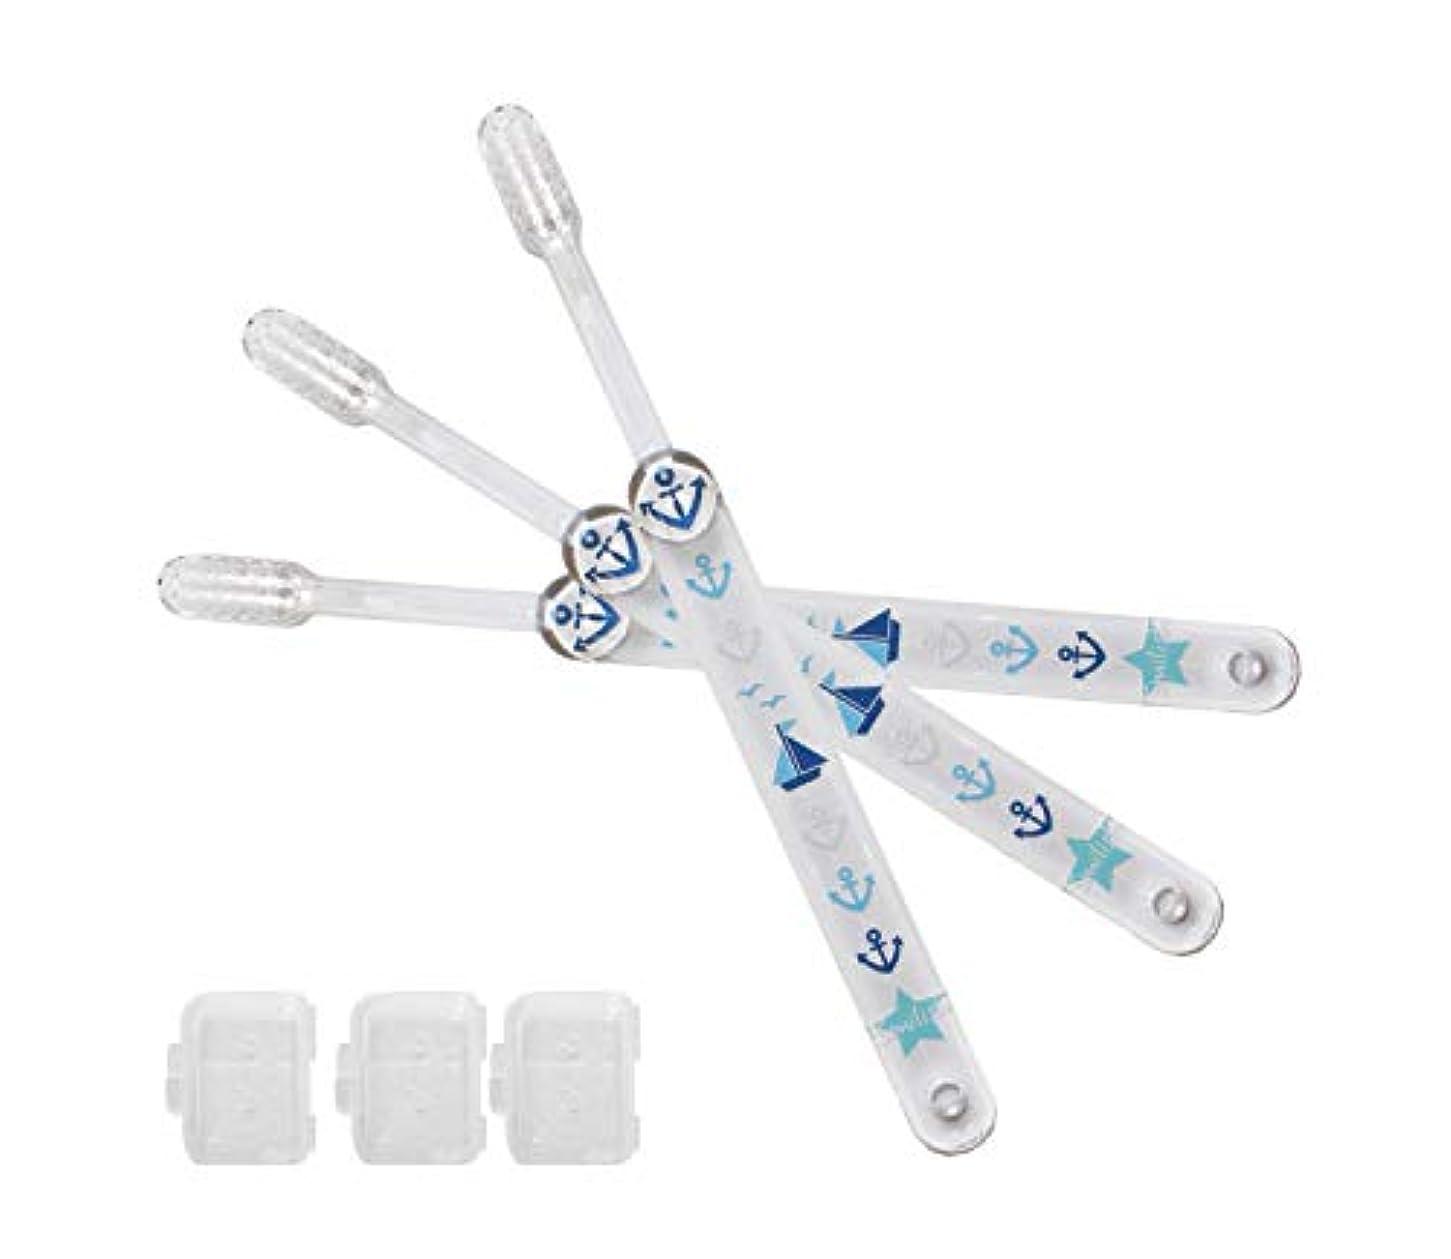 欠陥トランジスタ耐久子ども歯ブラシ男の子3本セット(キャップ付き) マリン柄